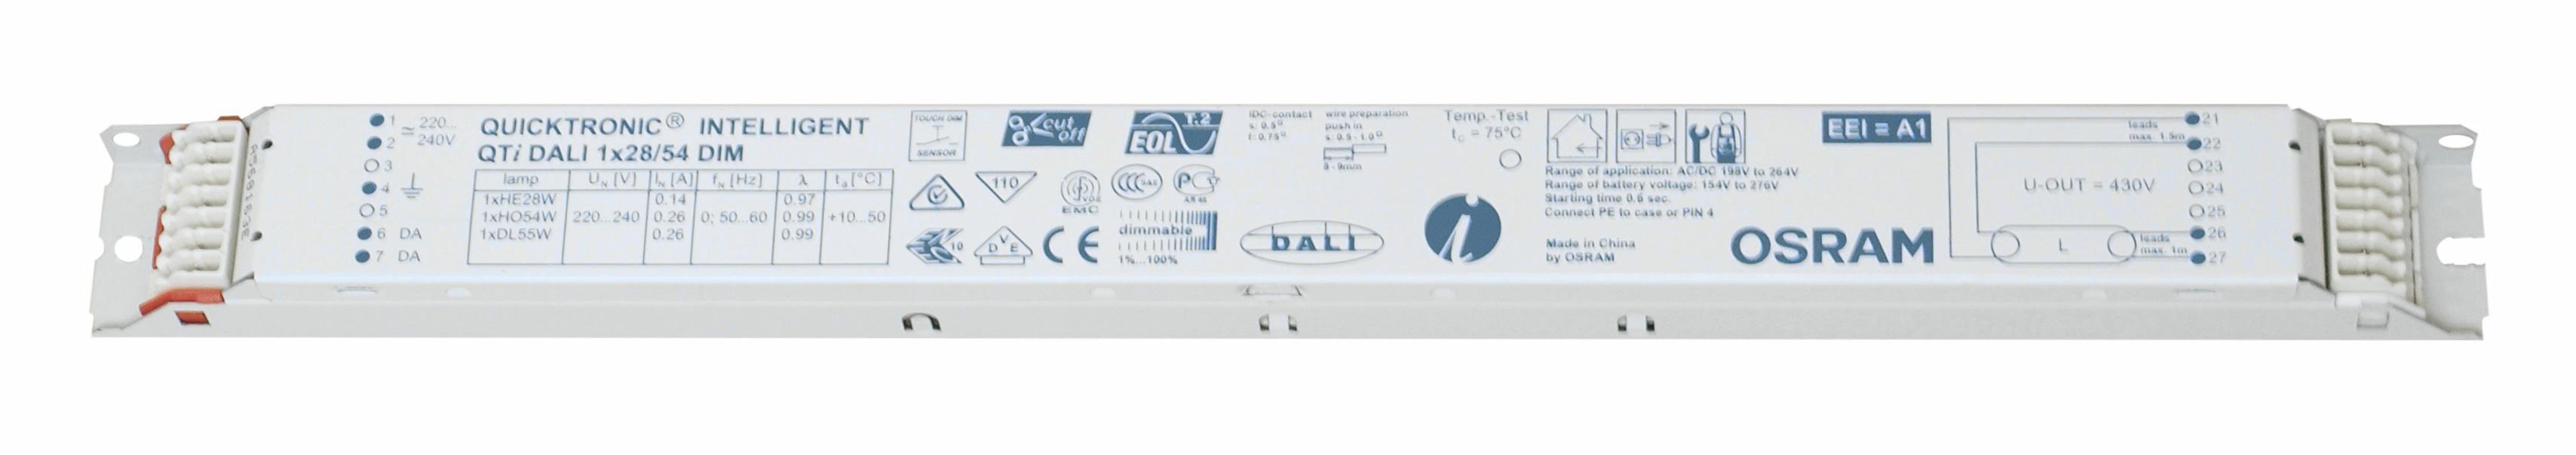 1 Stk EVG QTIDALI 2x36/220-240 für T8 dimmbar dali LI5Z870885